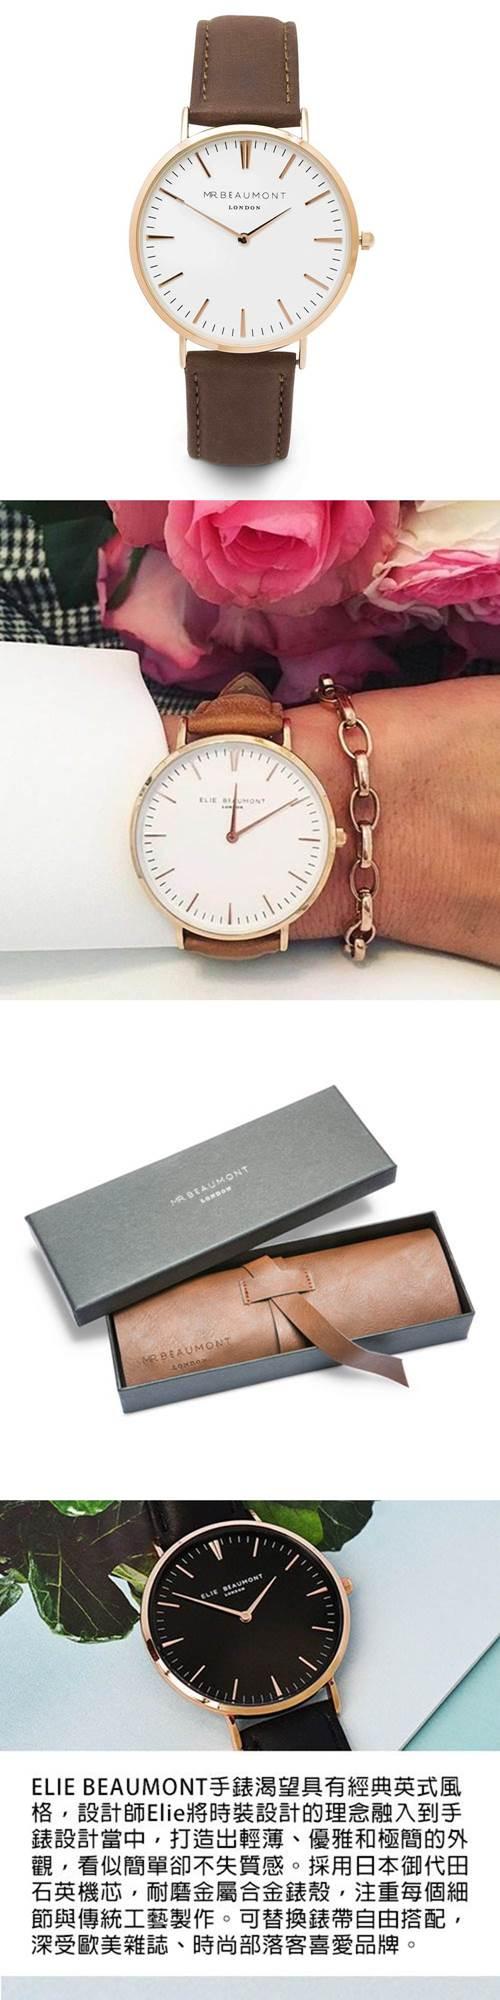 (複製)Elie Beaumont 英國時尚手錶 牛津系列 白錶盤x灰色皮革錶帶x玫瑰金錶框41mm